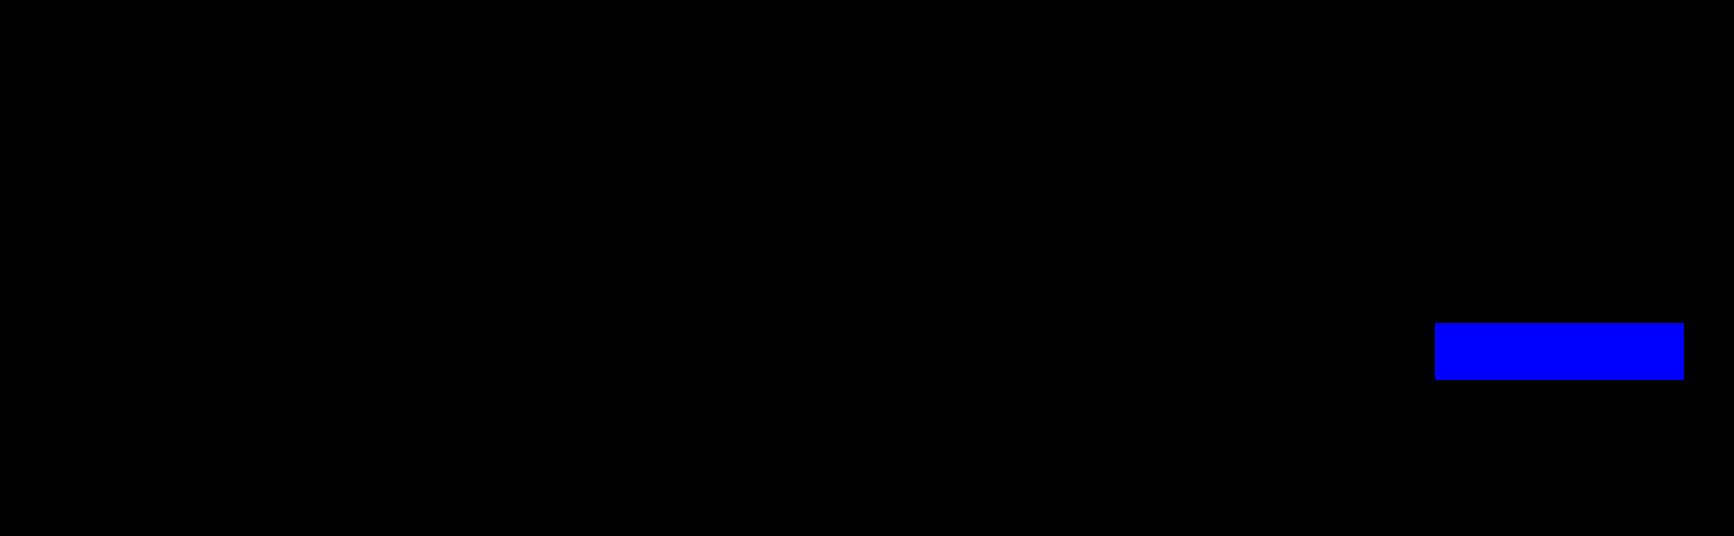 SPRING Axel Springer Digital News Media GmbH